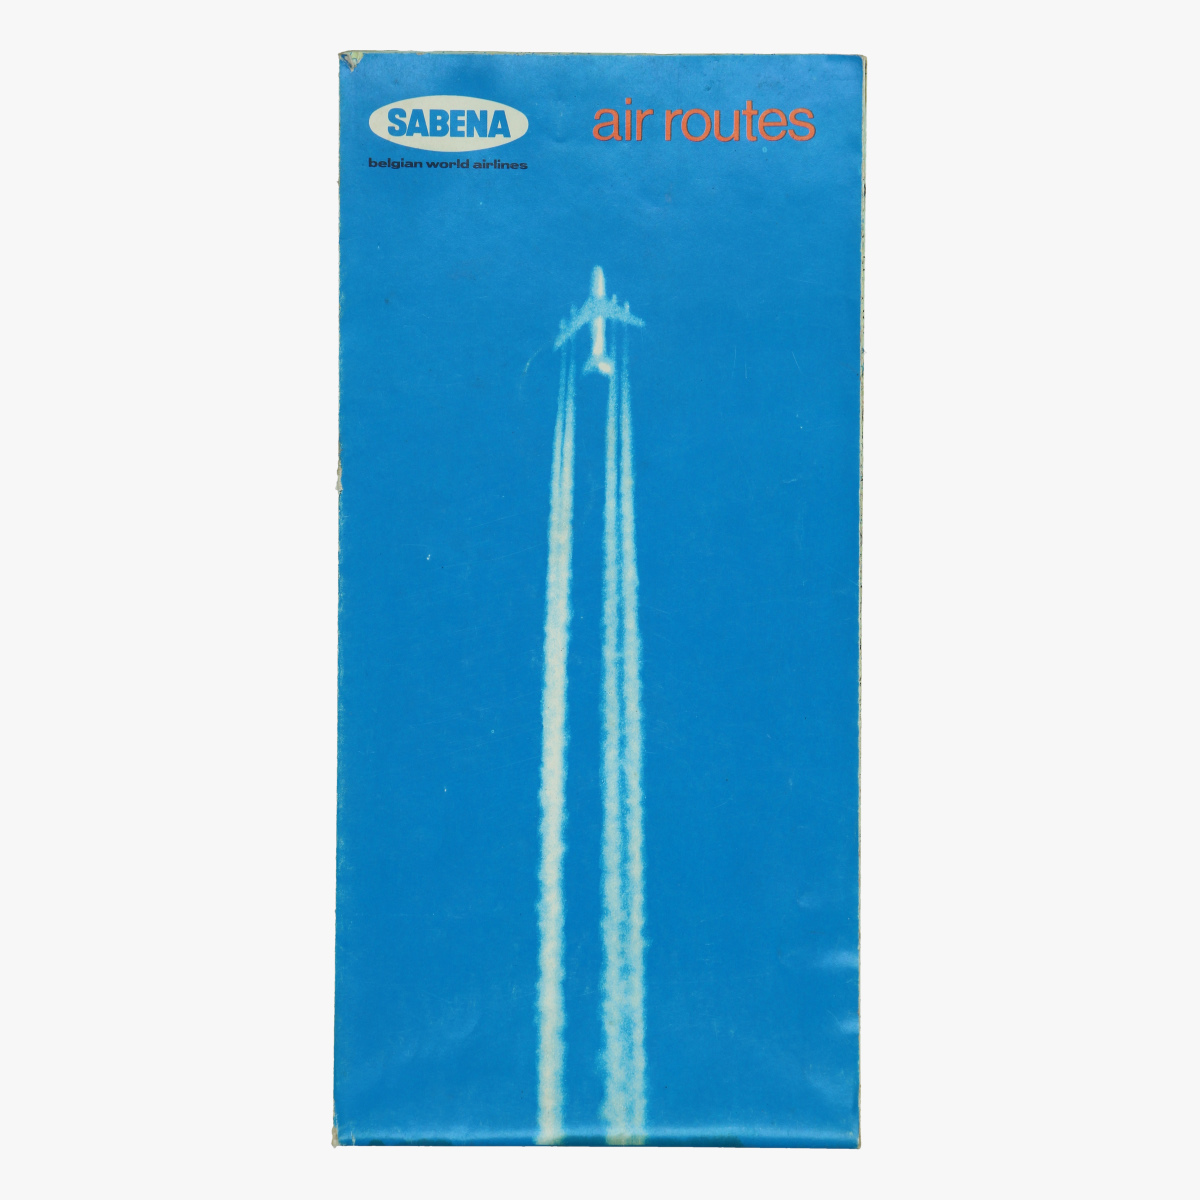 Afbeeldingen van sabena belgian world airlines